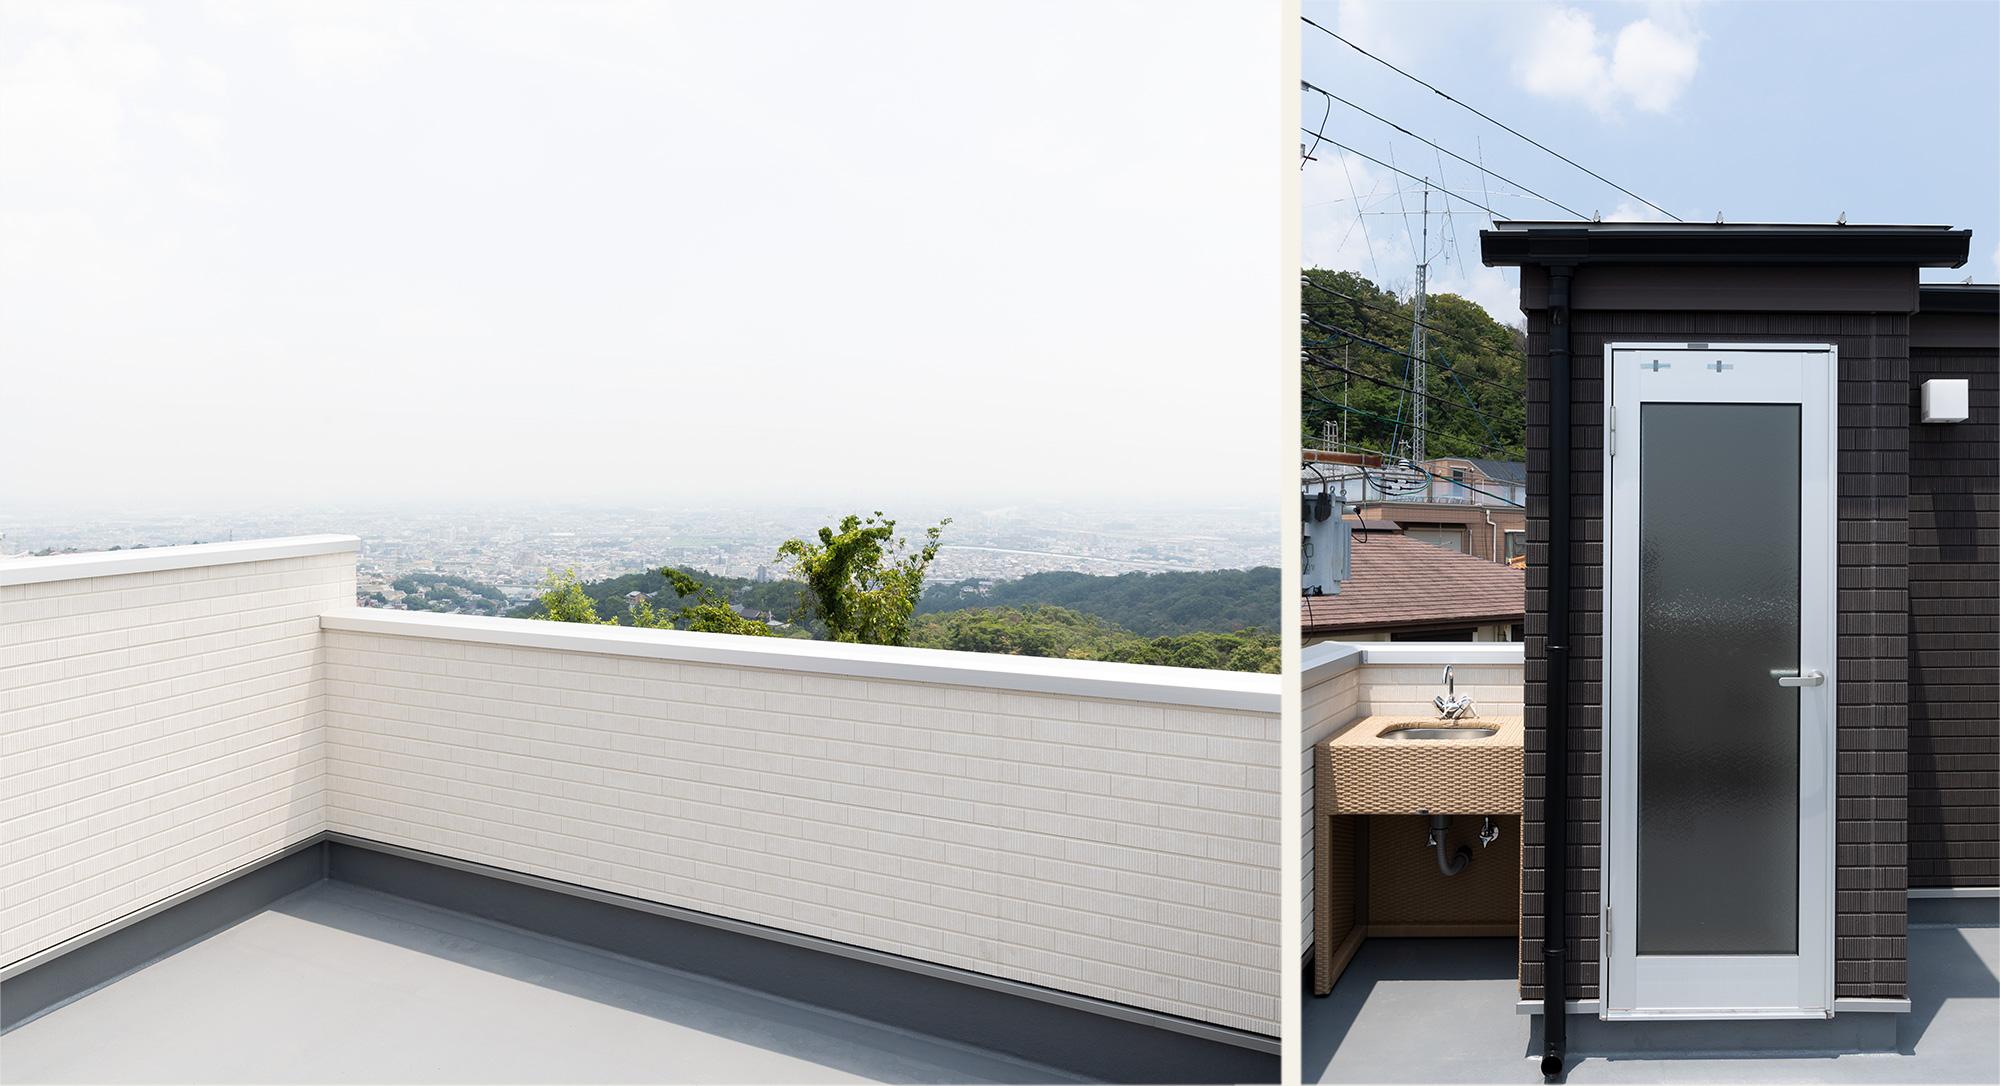 手洗い水栓のついた屋上バルコニー